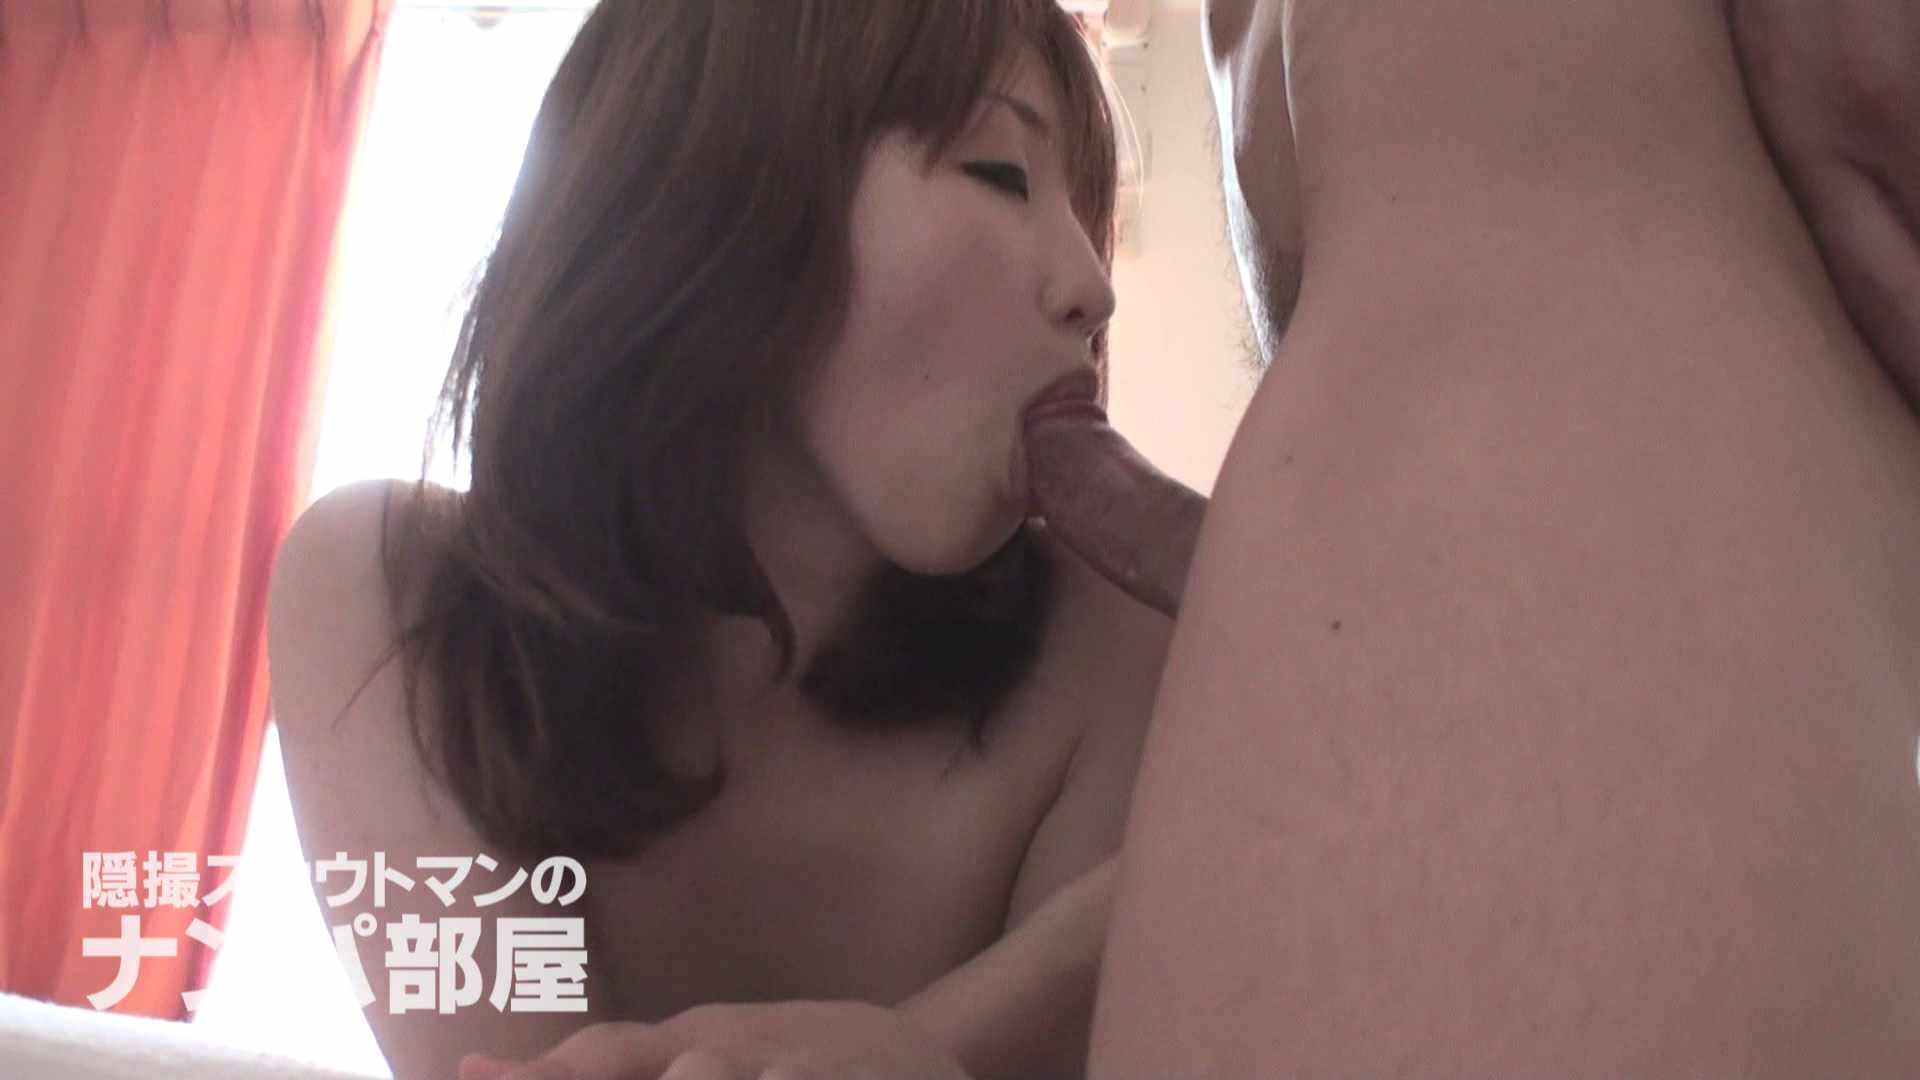 隠撮スカウトマンのナンパ部屋~風俗デビュー前のつまみ食い~ siivol.4 ナンパ おめこ無修正画像 57PIX 39